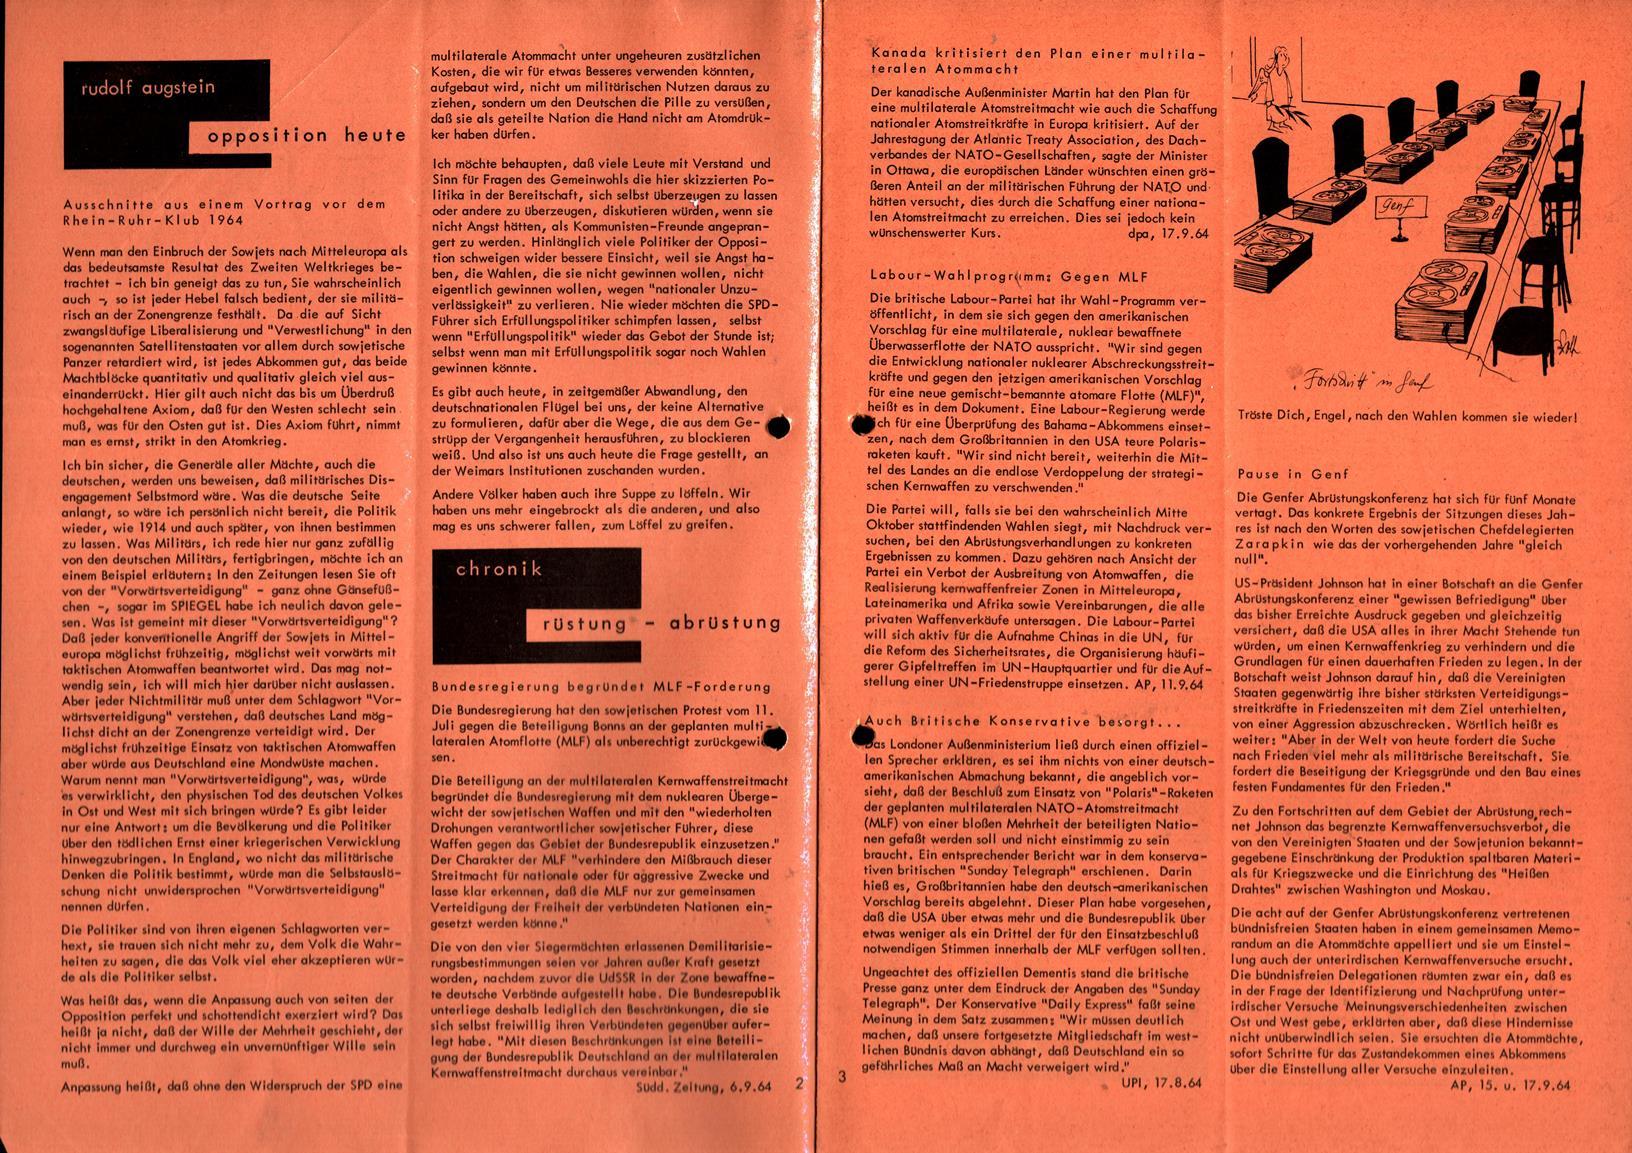 Infos_zur_Abruestung_1964_015_002